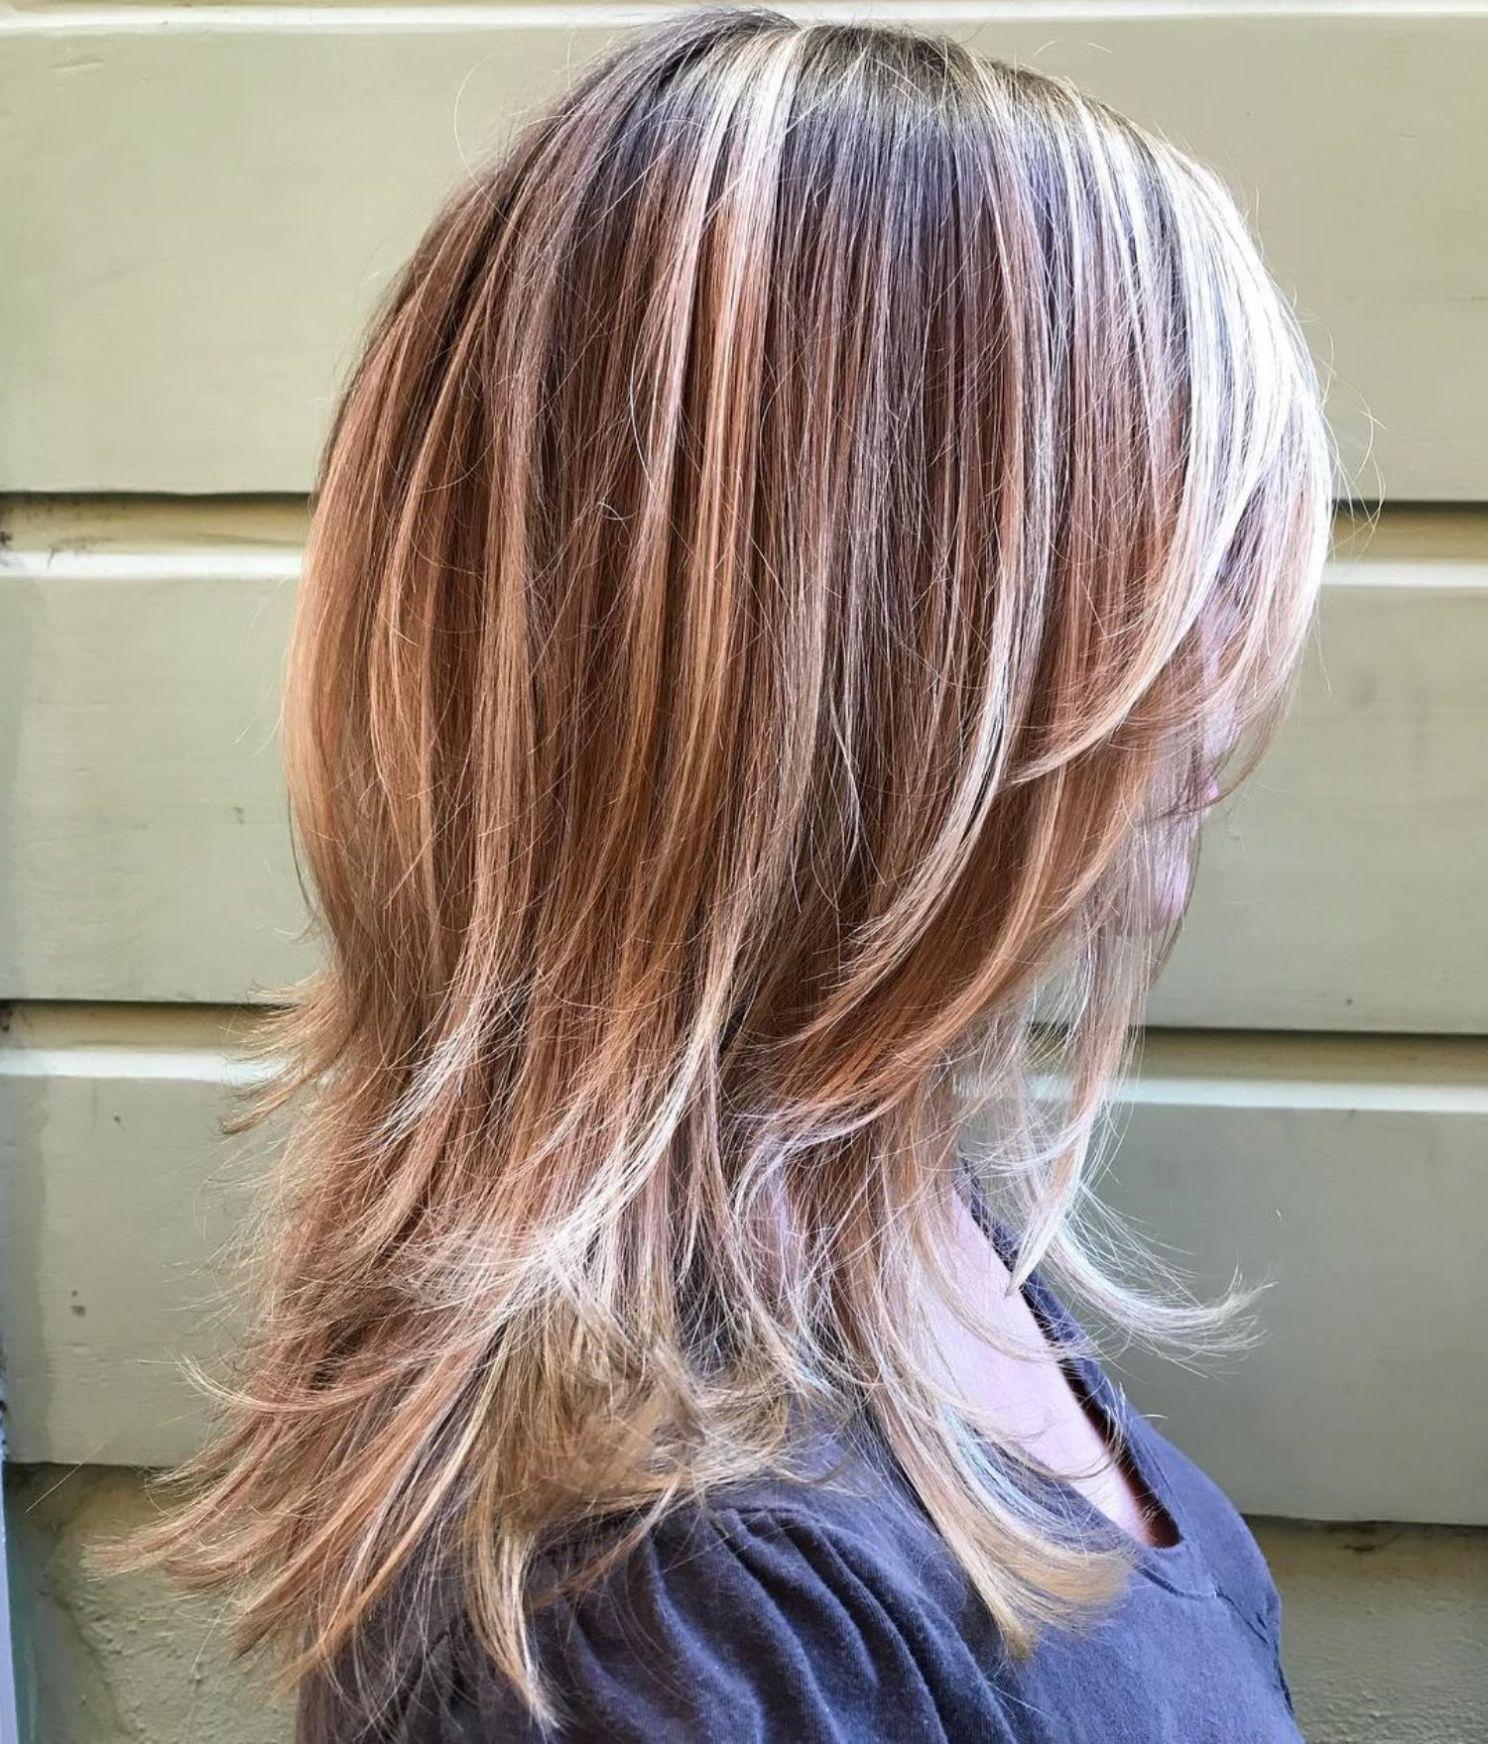 Sleek Mid-Length Haircut With Shaggy Ends